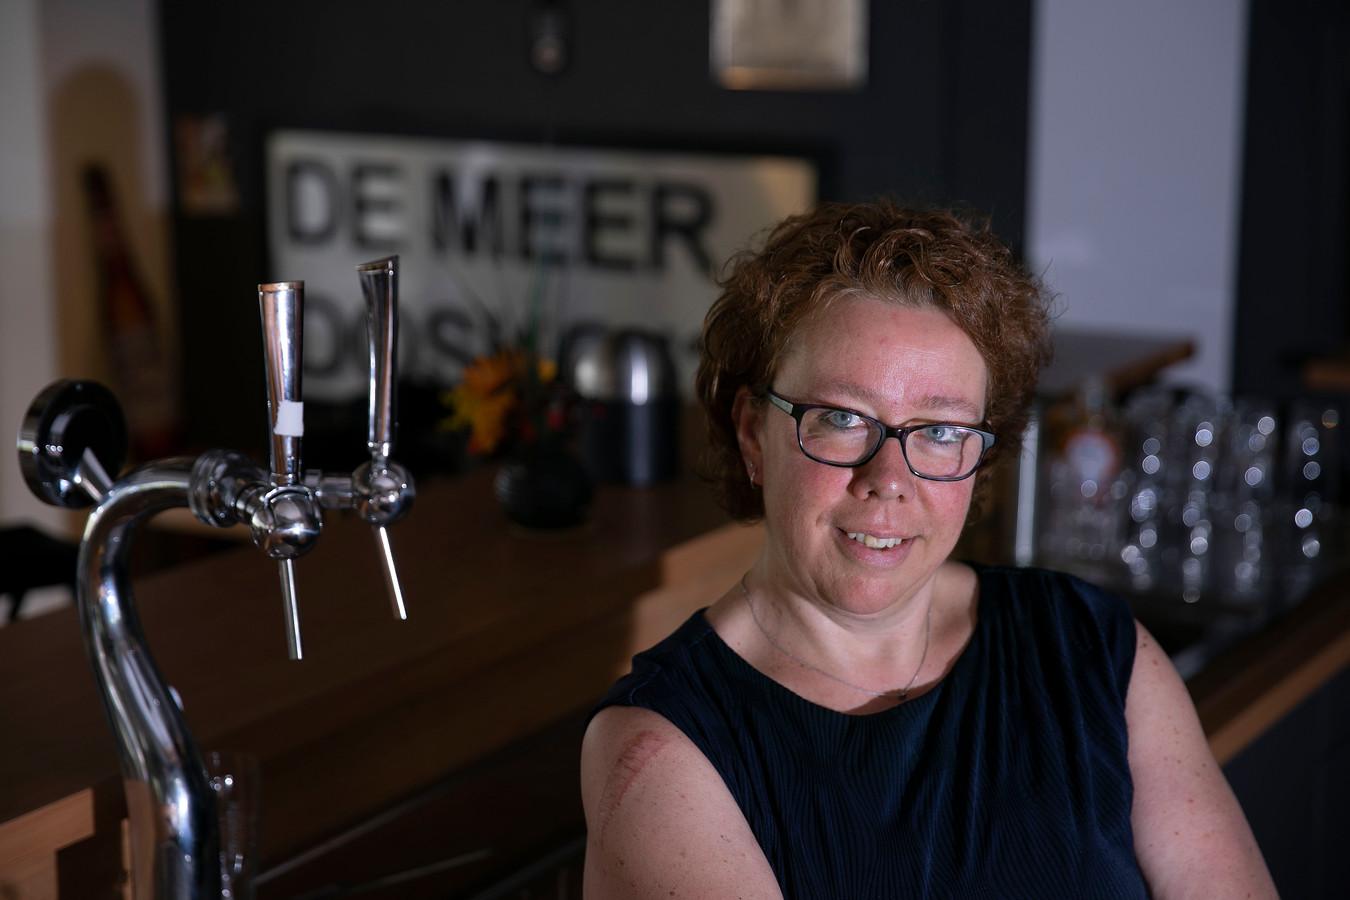 Sandra Hakkens werkt al lang in de Duizelse horeca en is nu uitbaatster van de voetbalkantine van Dosko'32.